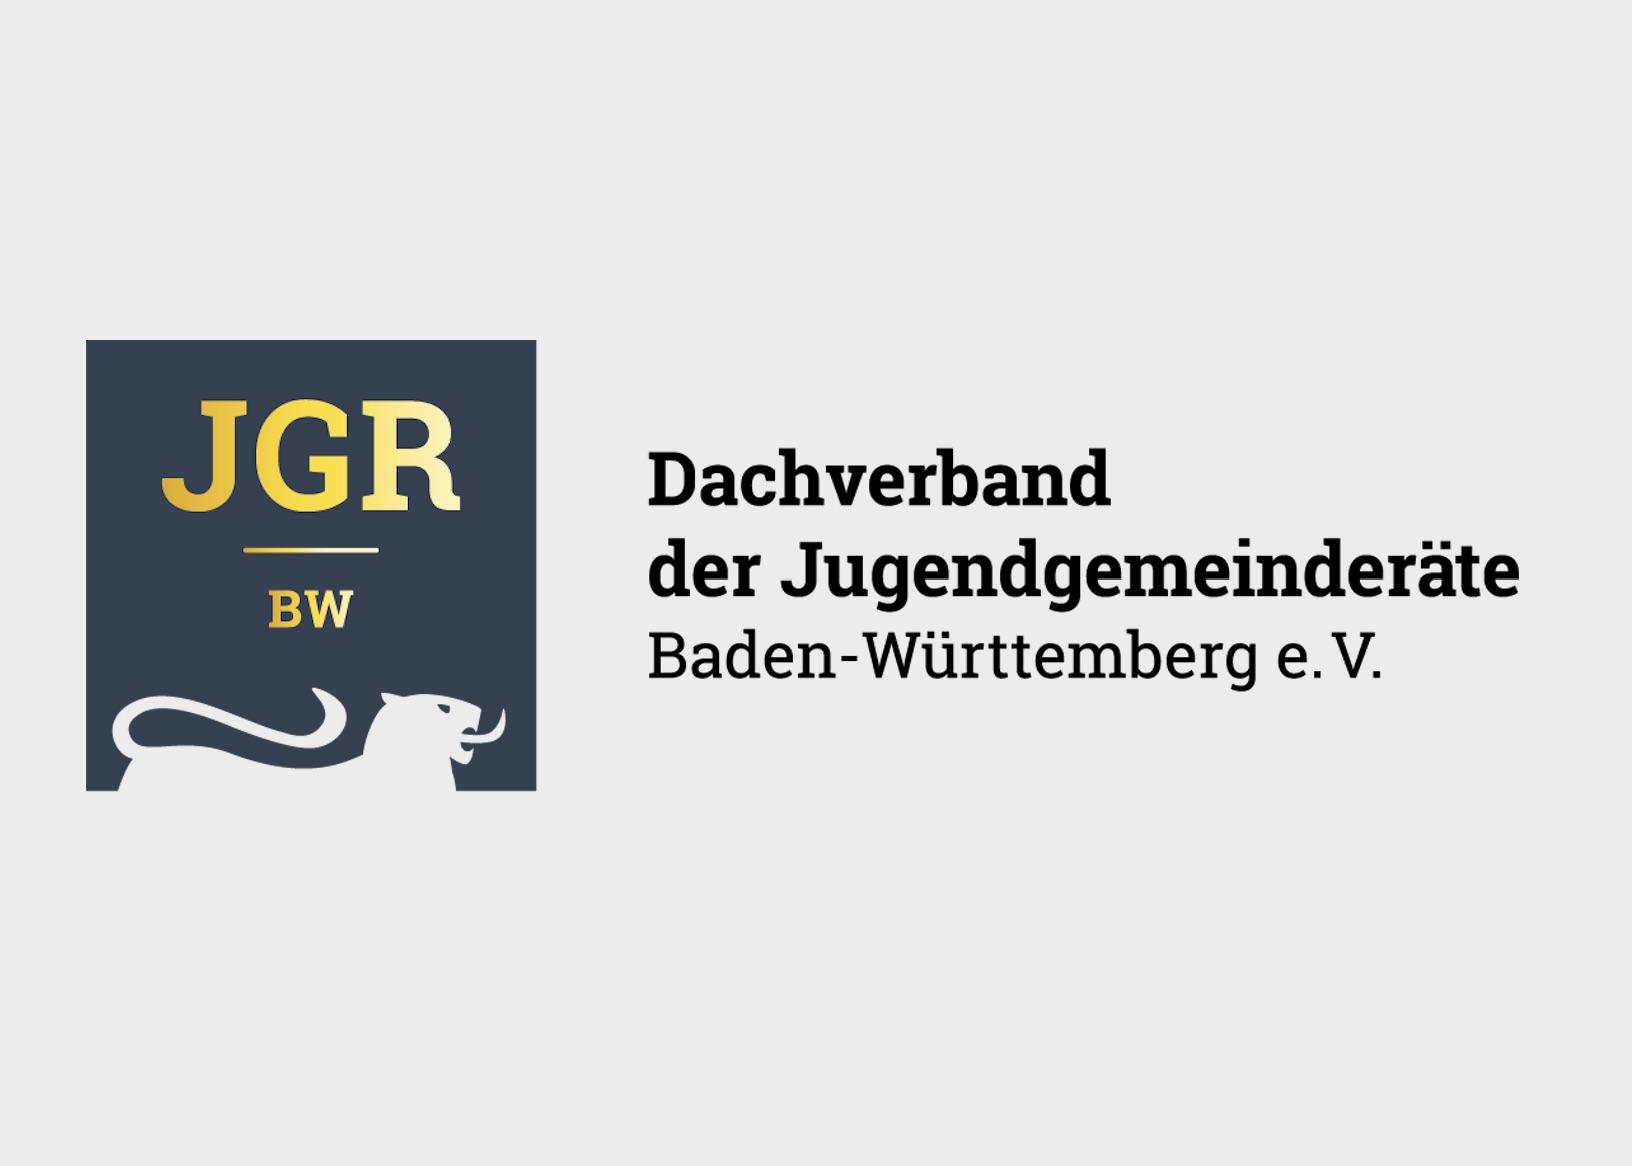 Der Dachverband erhält einen neuen Anstrich – Unser neues Logo.